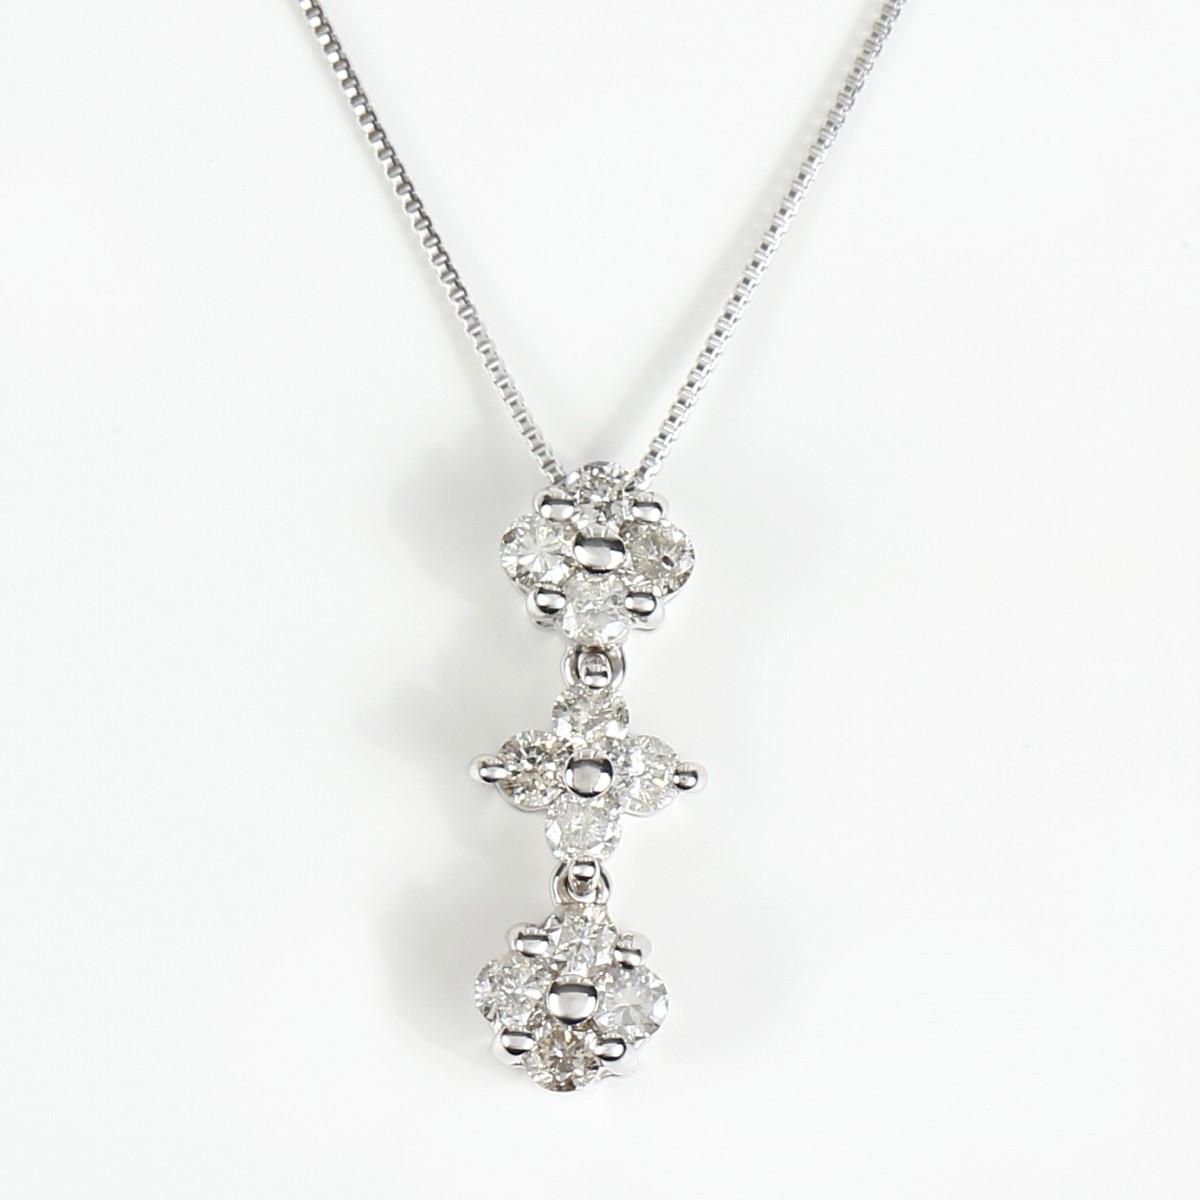 K18WG ダイヤモンドネックレス ダイヤ 0.35ct (K18WG 0.5mm 40cm ベネチアンチェーン)トップの通し方でハートにもなります。2Way【雑誌 GINGER掲載商品】